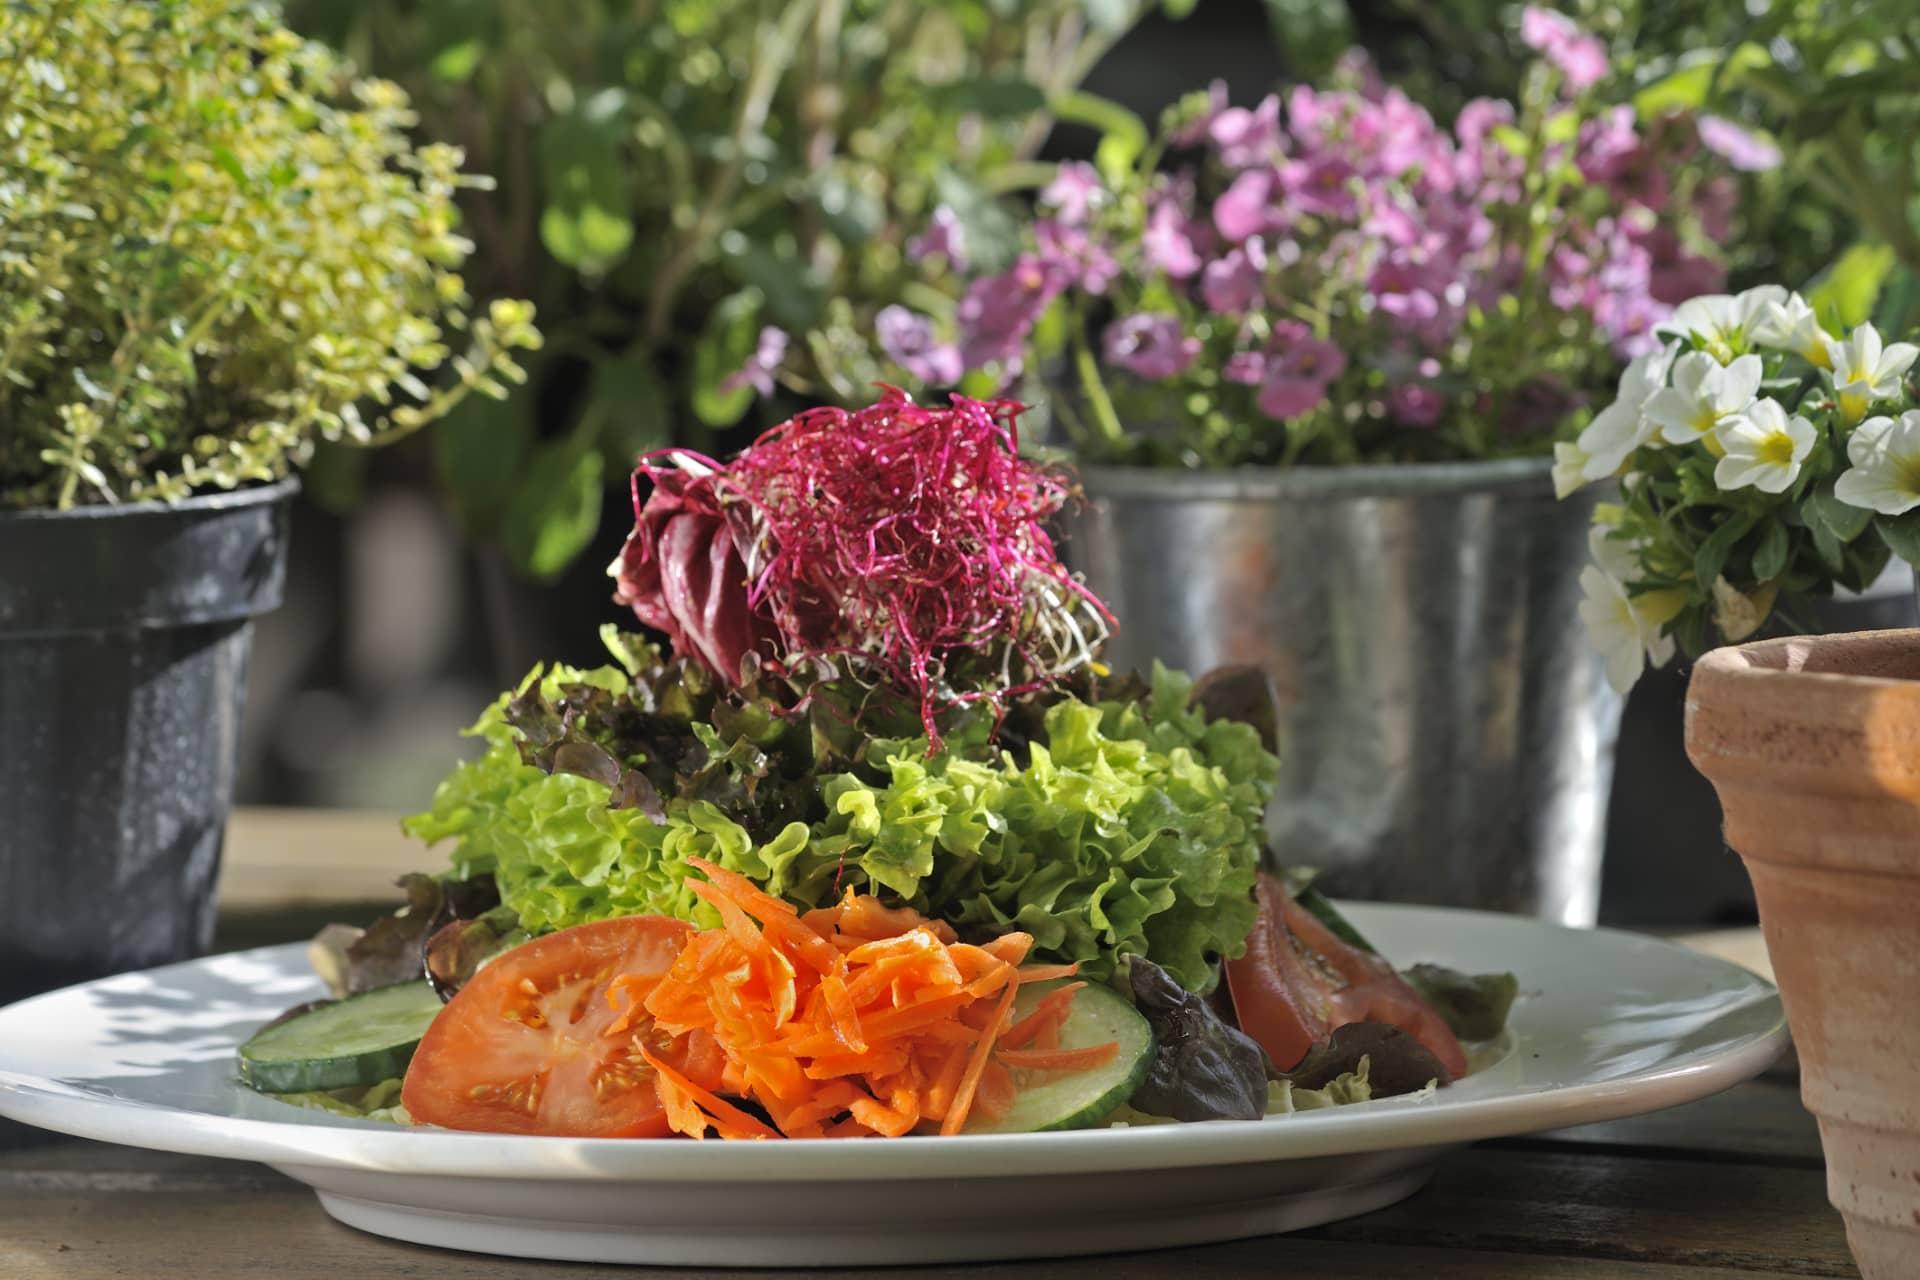 AUSZEIT Fasten - Fastenwandern, Buchingerfasten, Rohkostwandern - Frischkost Salatteller